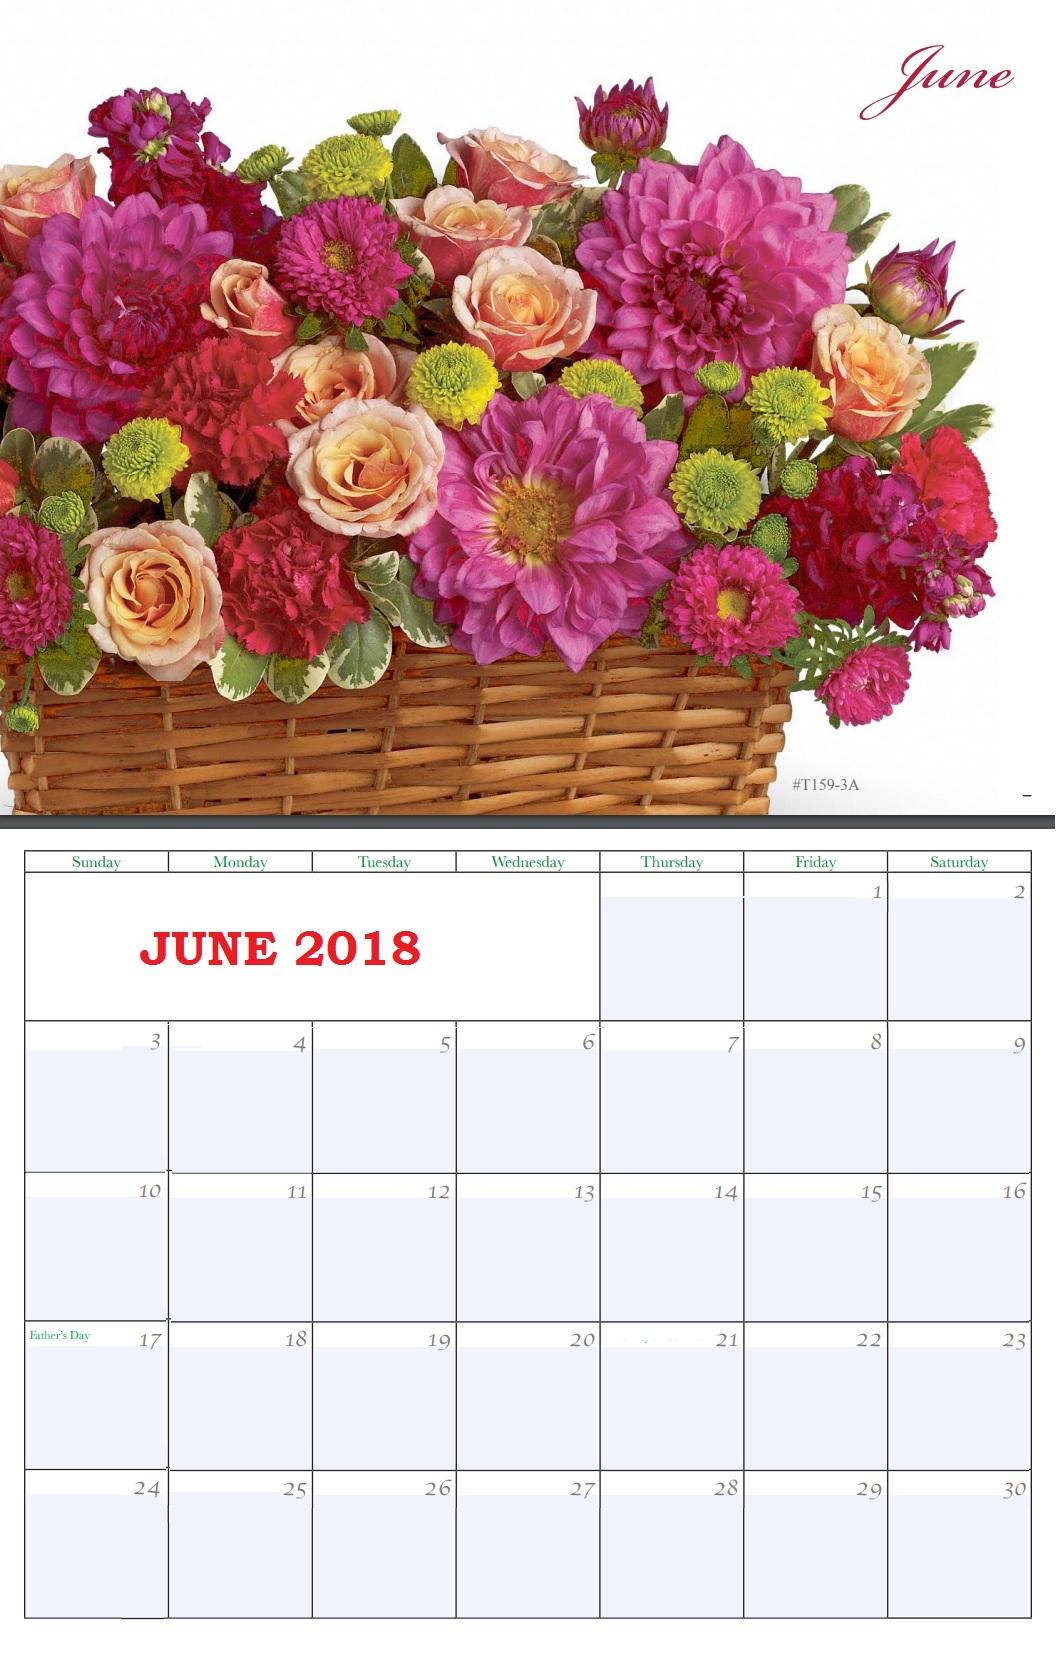 Floral June 2018 Wall Calendar